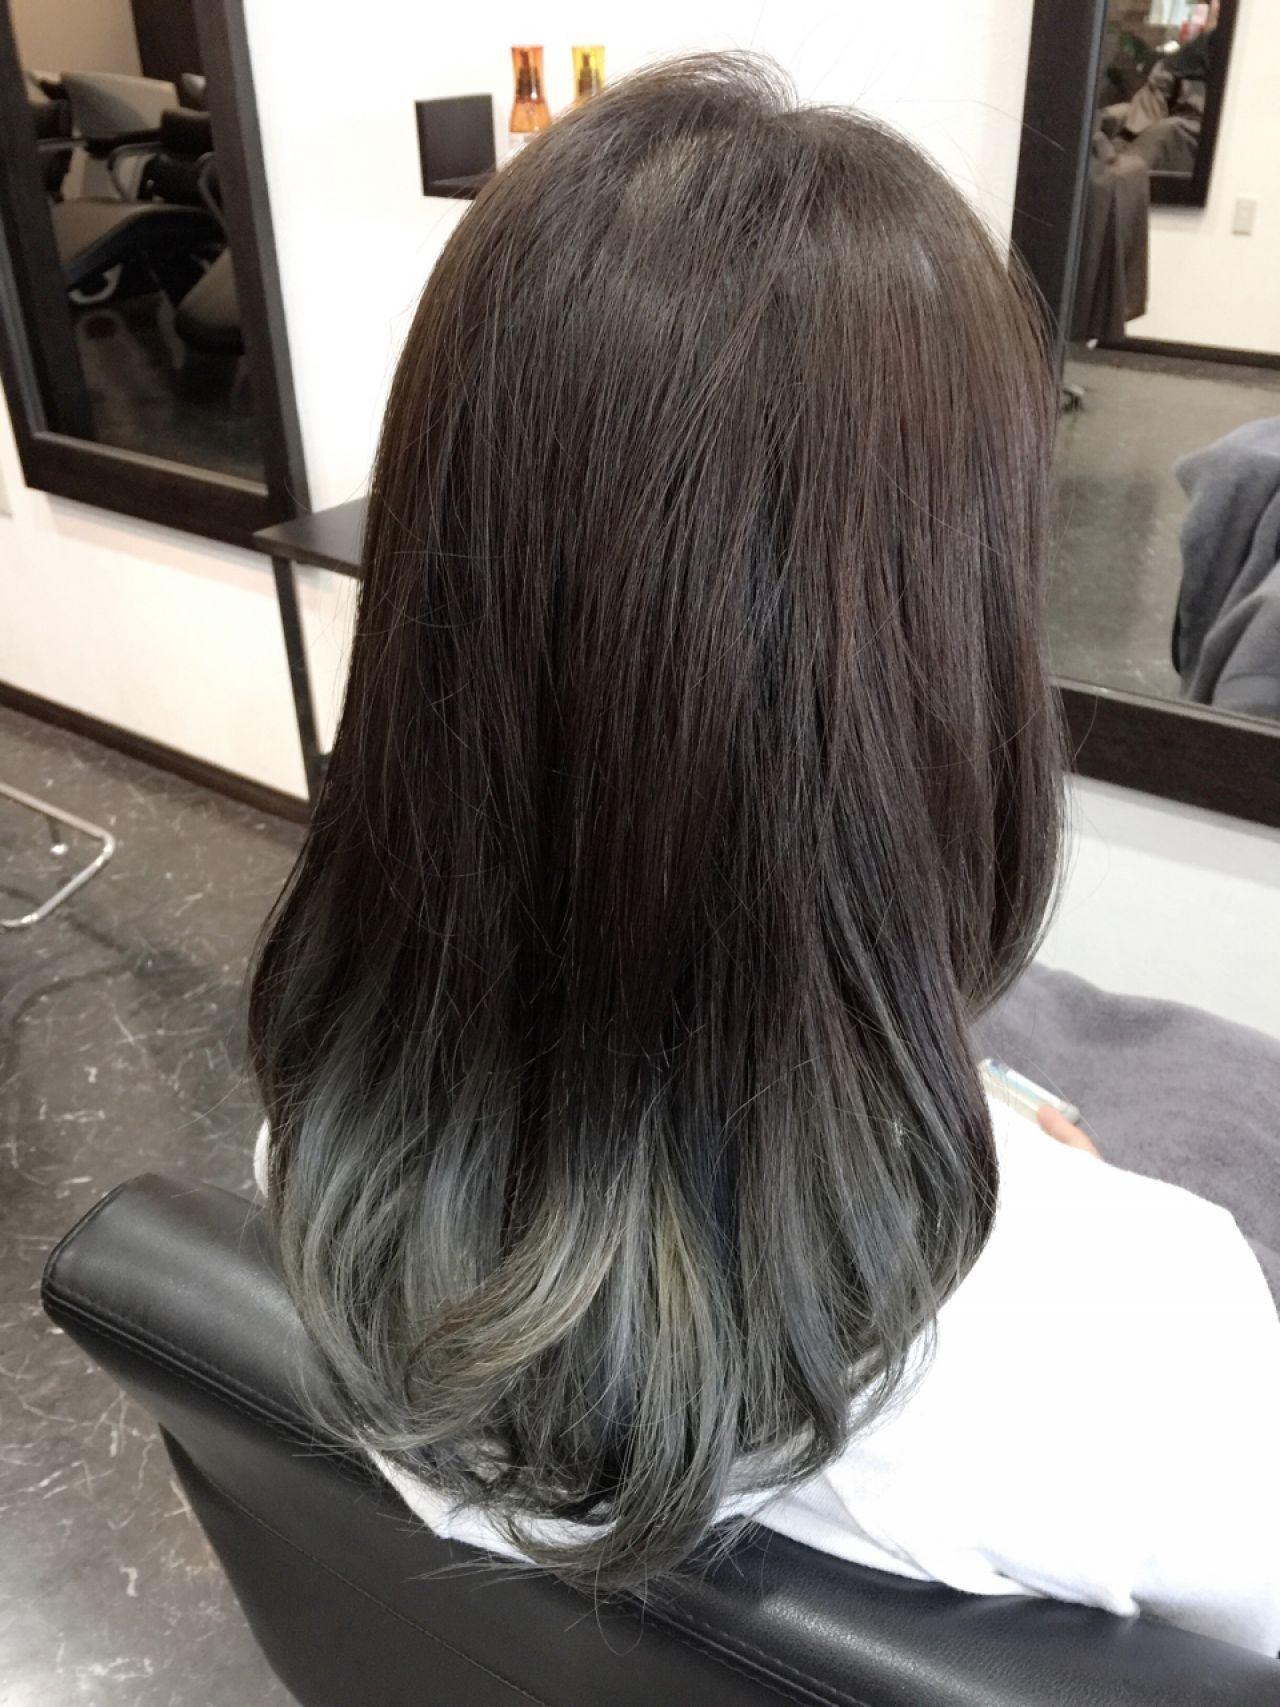 【ブリーチなしでも可愛い!】黒に近い髪色×暗めアッシュ大公開♡の24枚目の画像